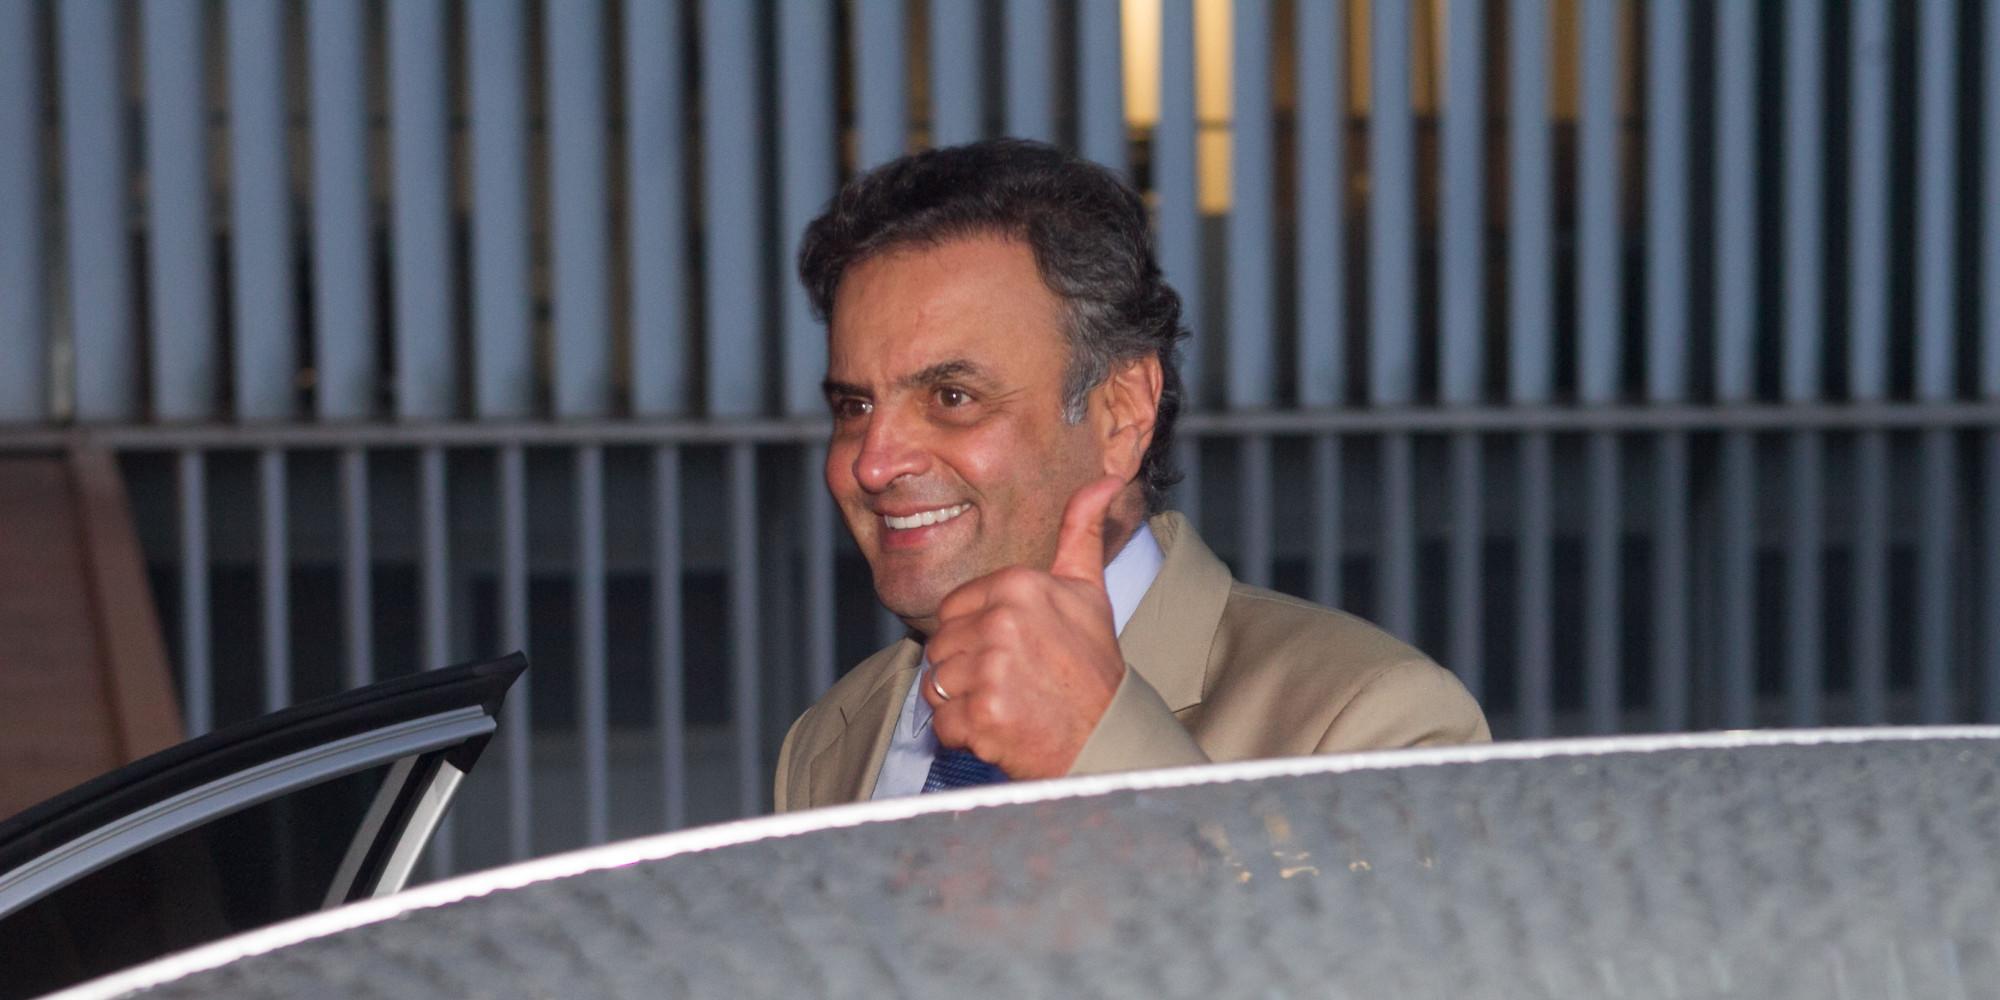 Delator confirma: Aécio Neves recebia propina de Furnas